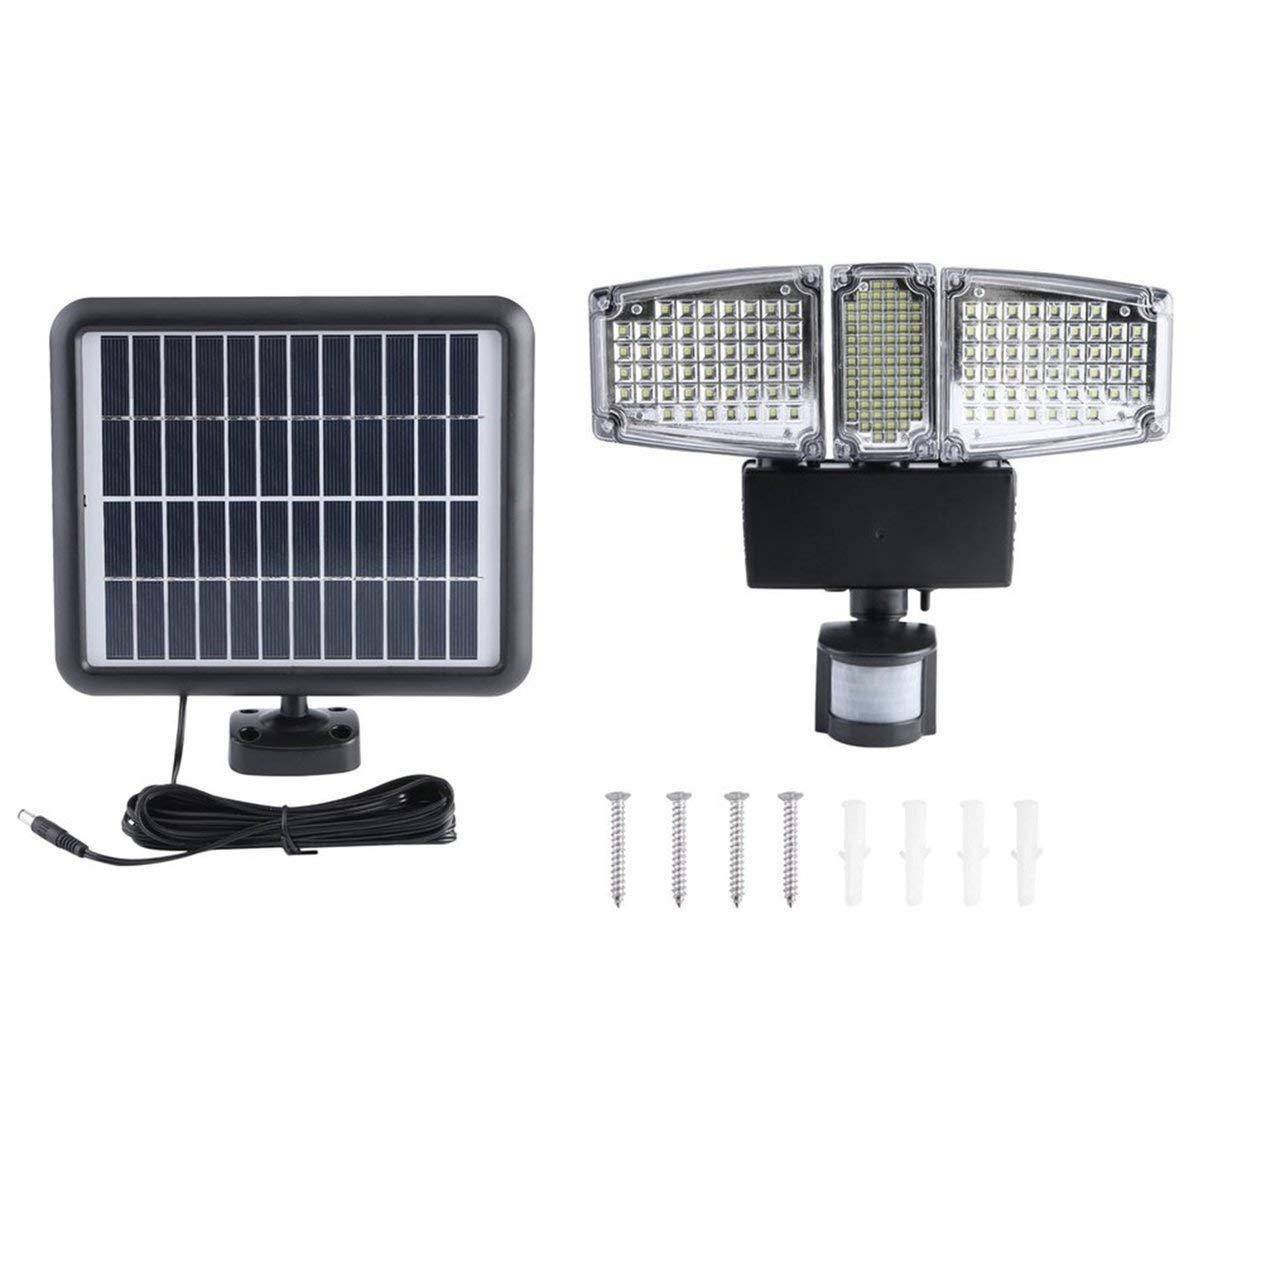 Solar Power Light, 178 LED Drei Kopf Outdoor Indoor Solarbetriebene Bewegungssensor Aktivierte Licht Flutlicht Induktionslampe Wandmontage